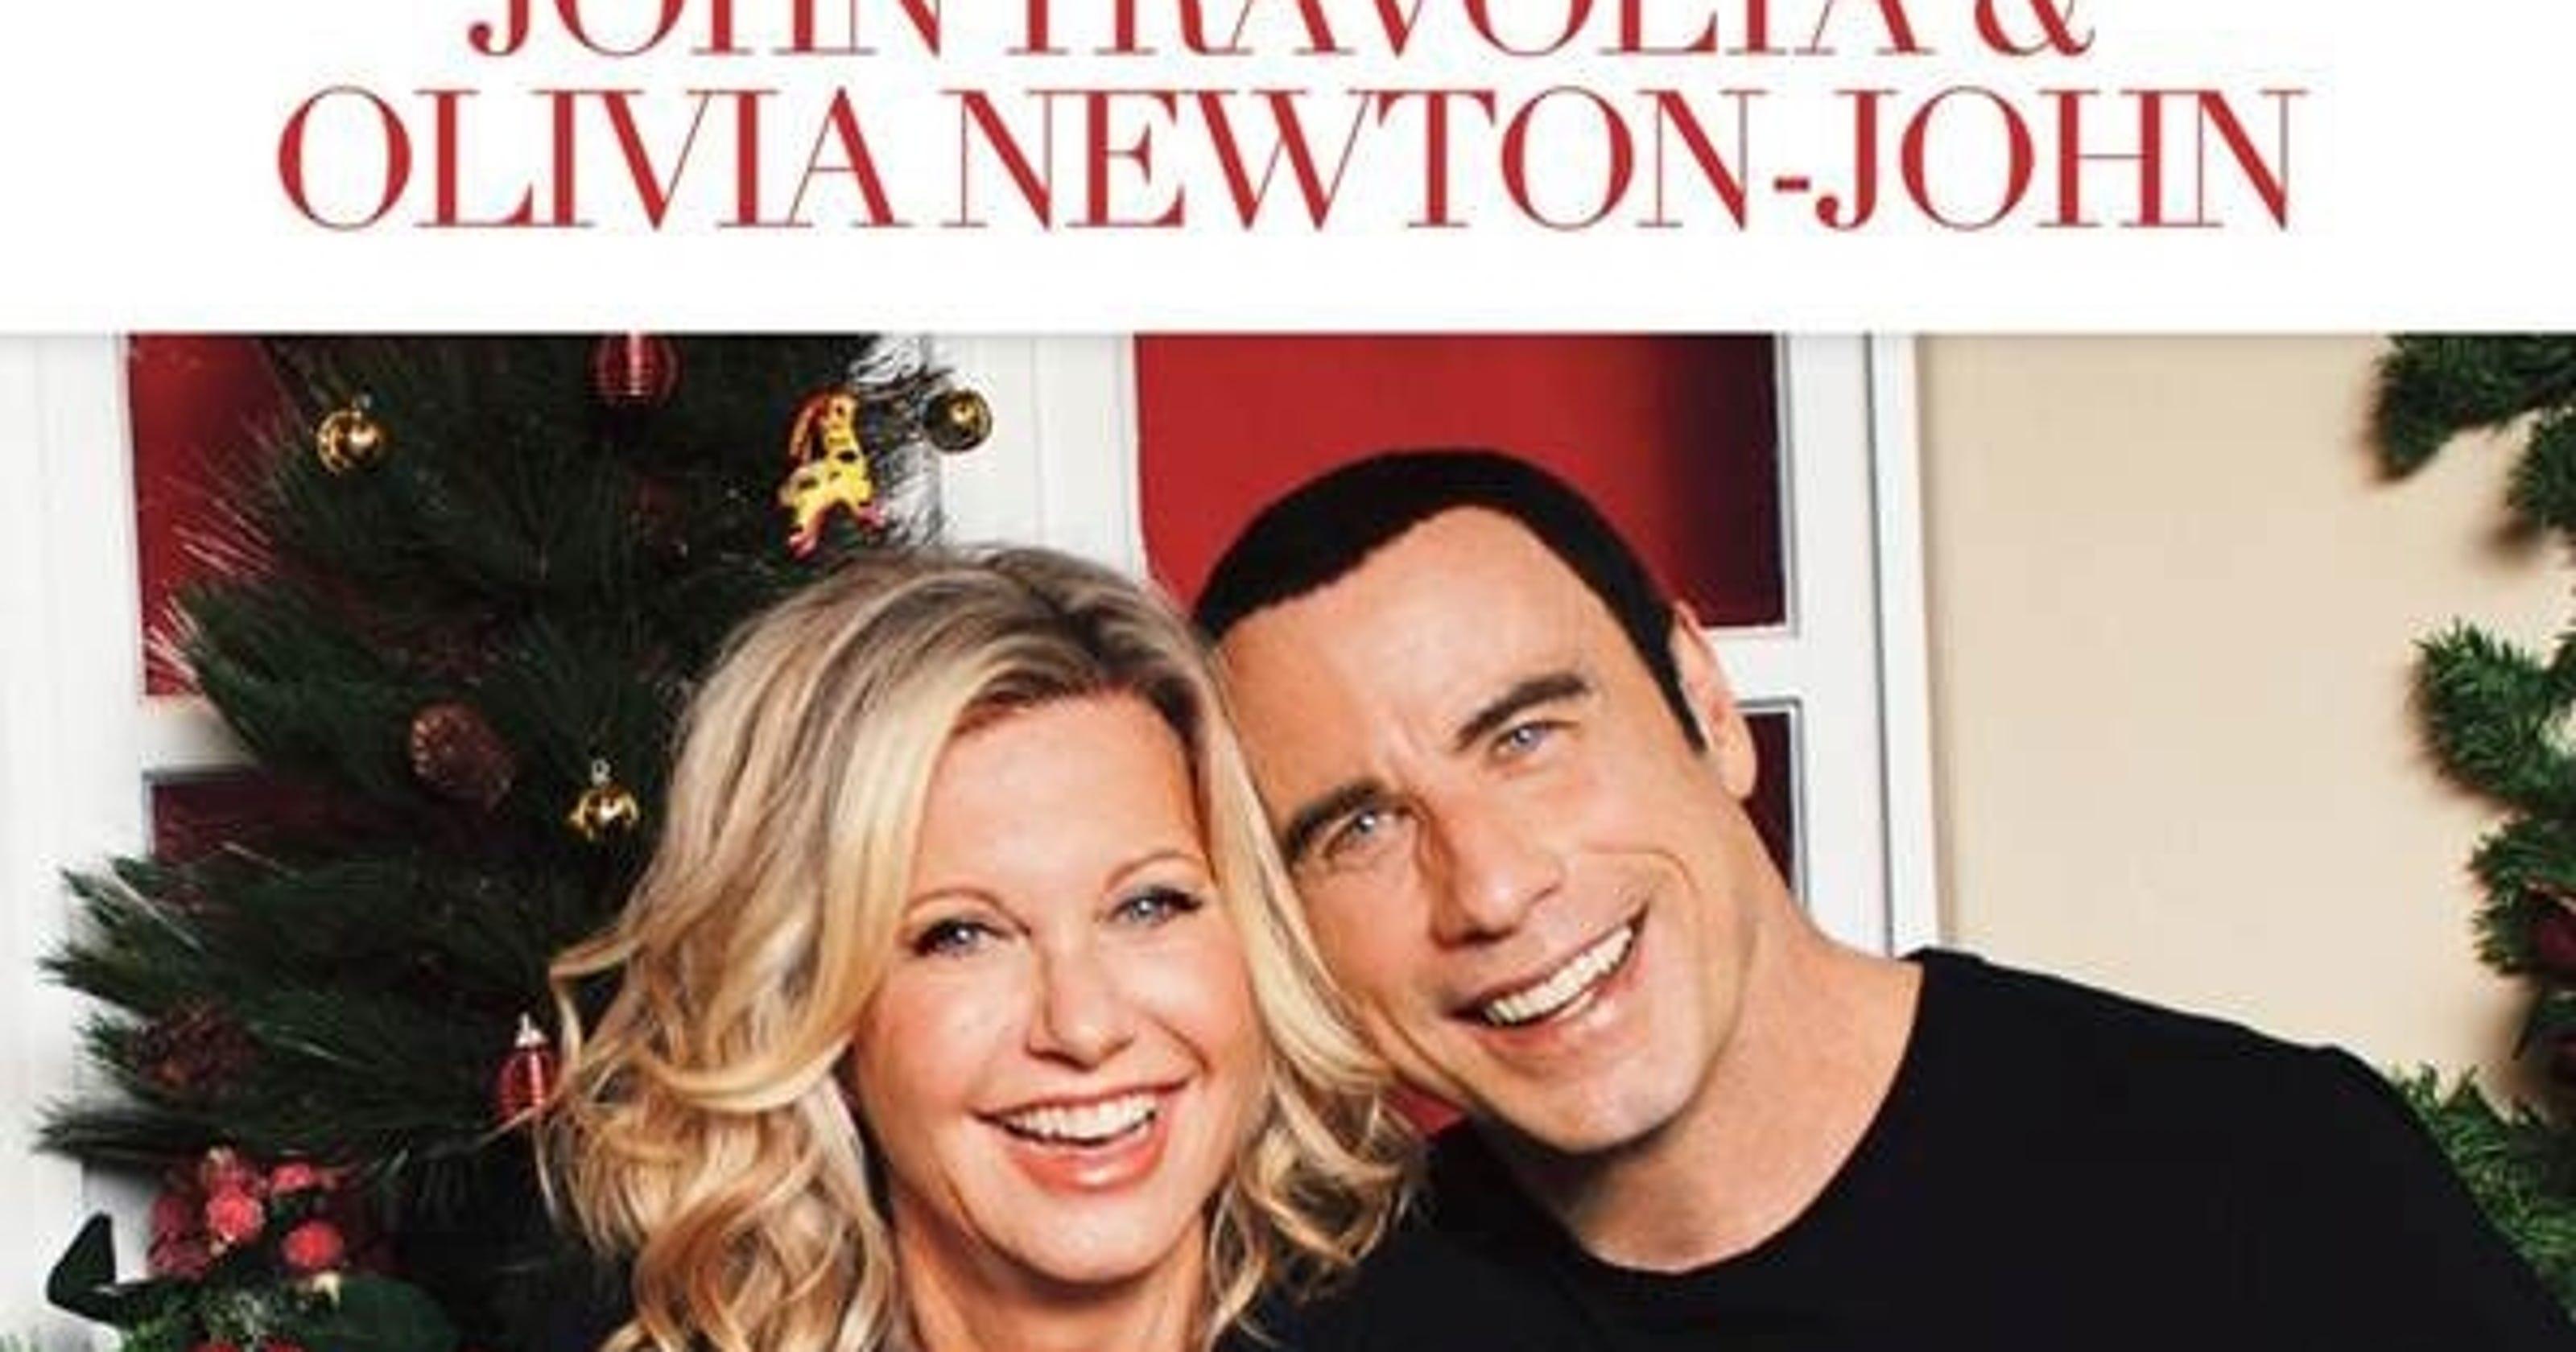 john travolta olivia newton john reunite for album - Olivia Newton John This Christmas